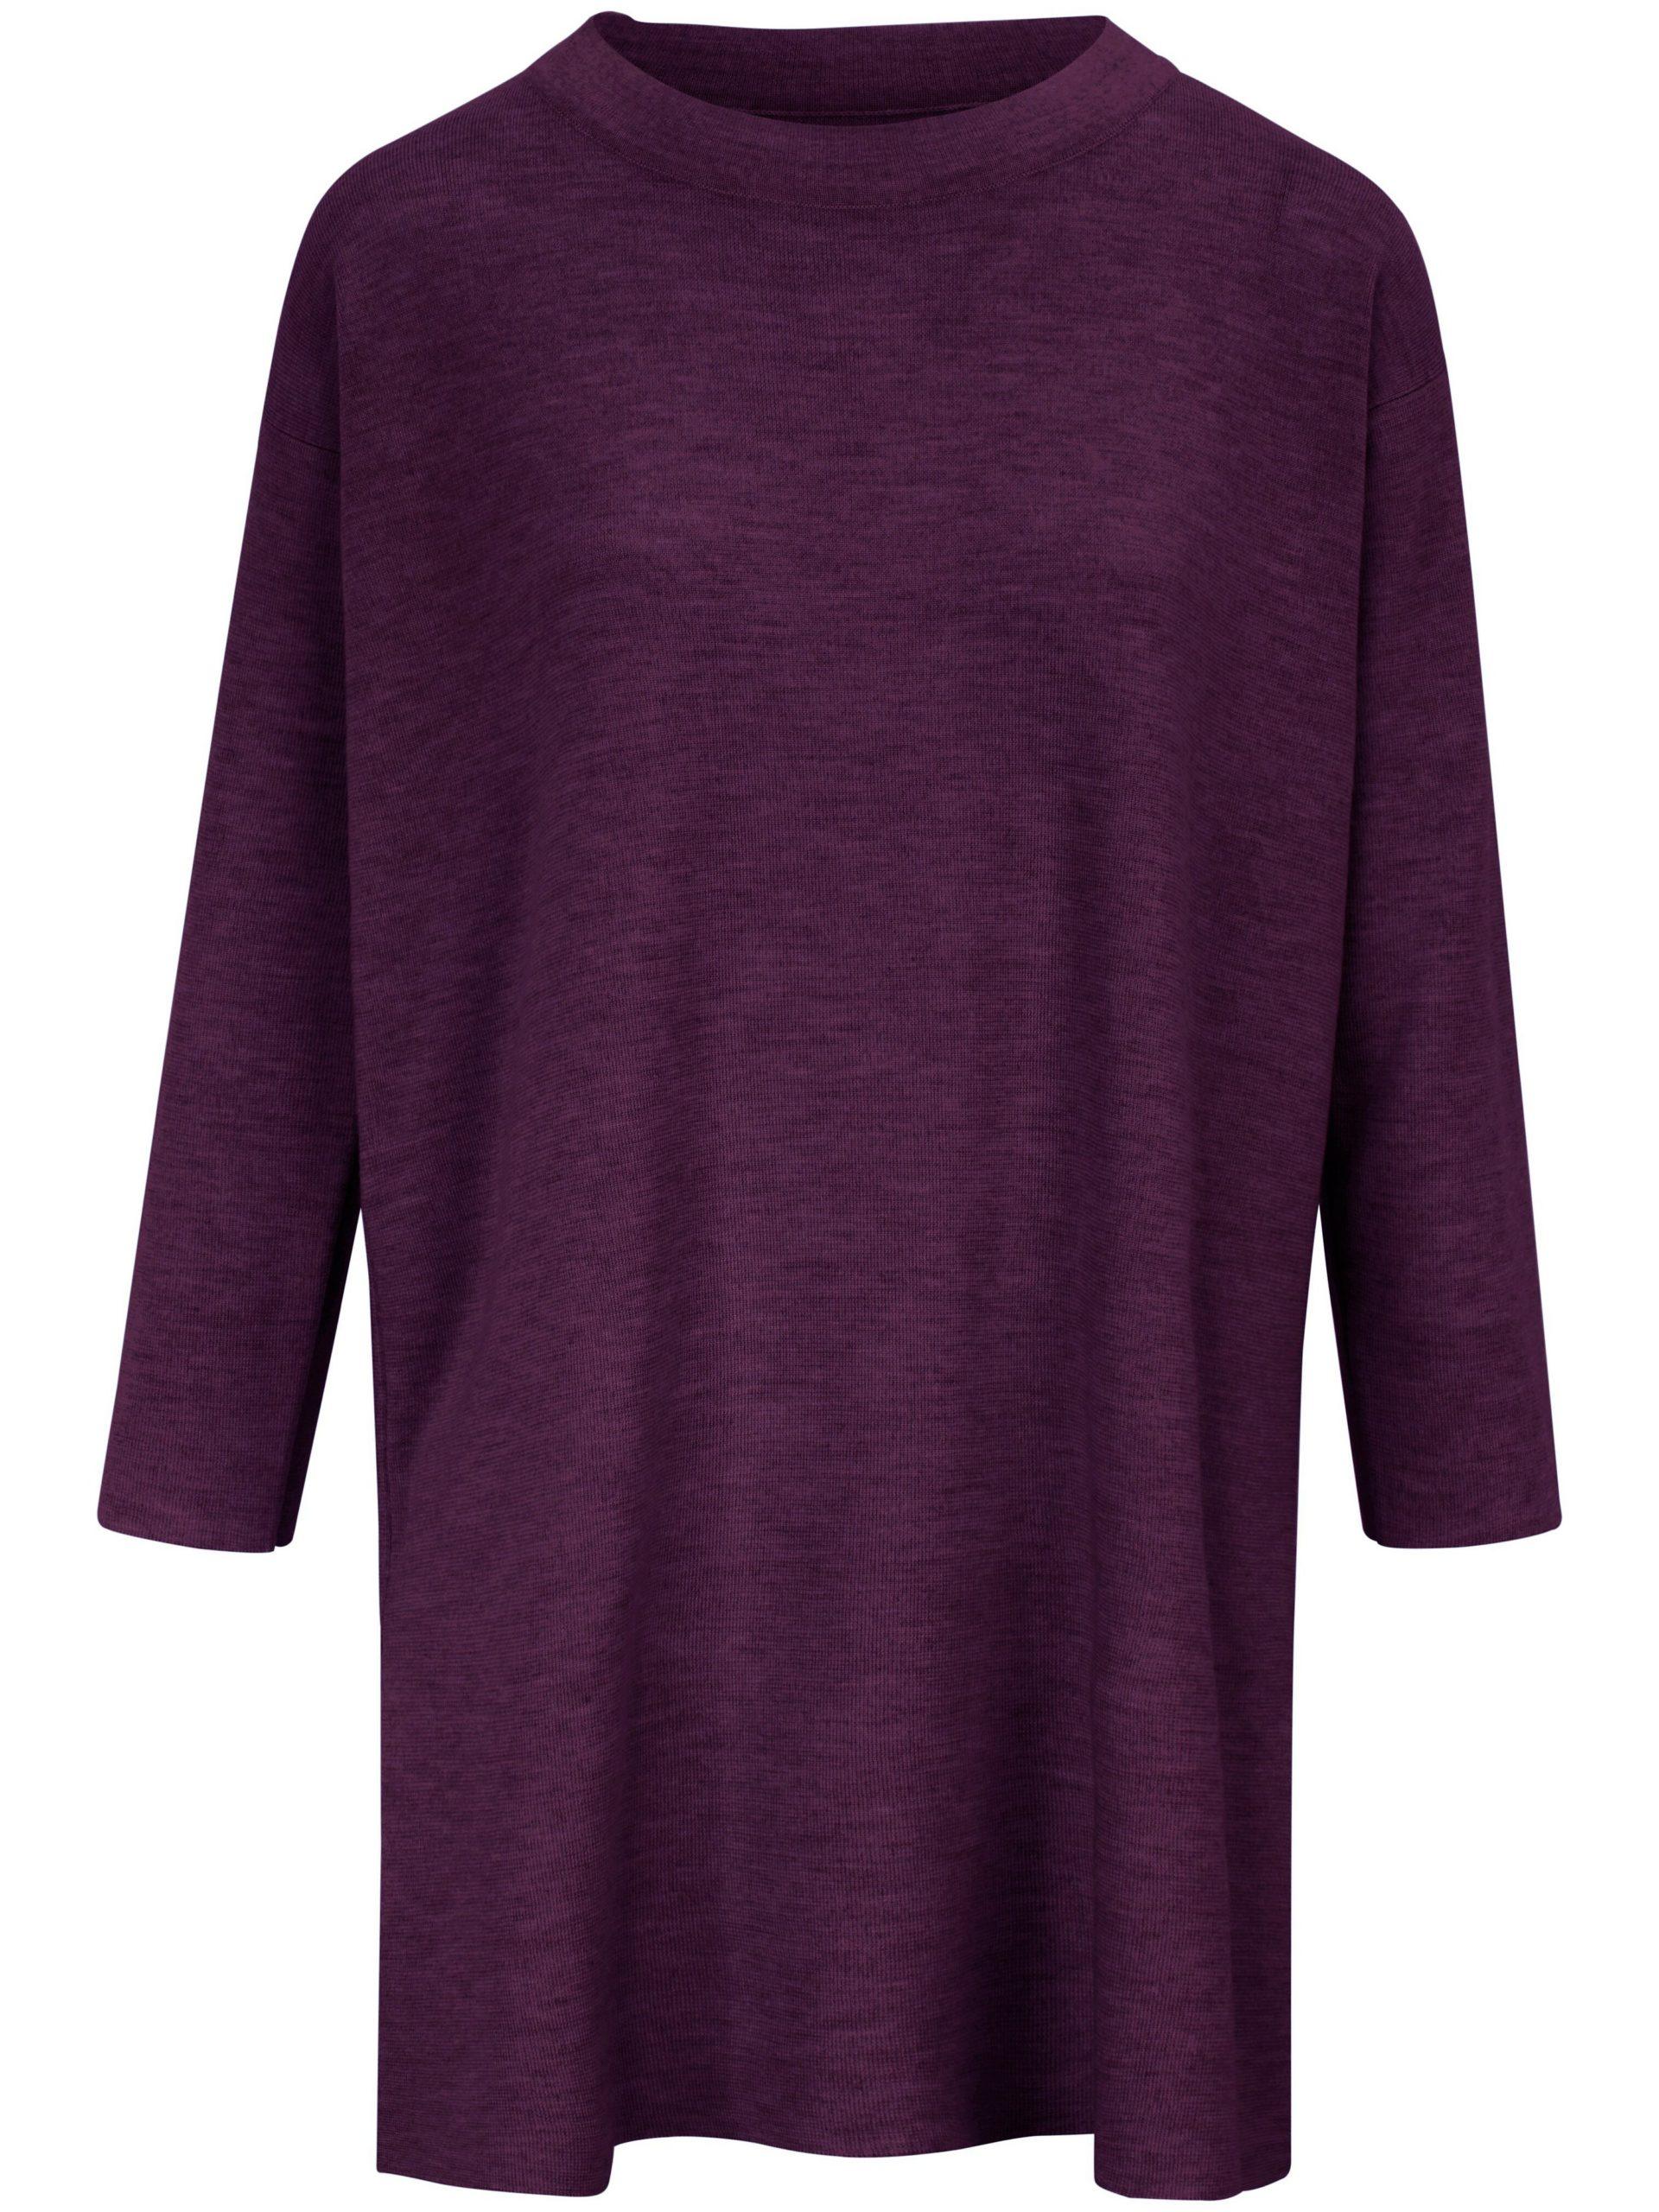 Lange trui van 100% scheerwol (Biella Yarn) Van Peter Hahn paars Kopen